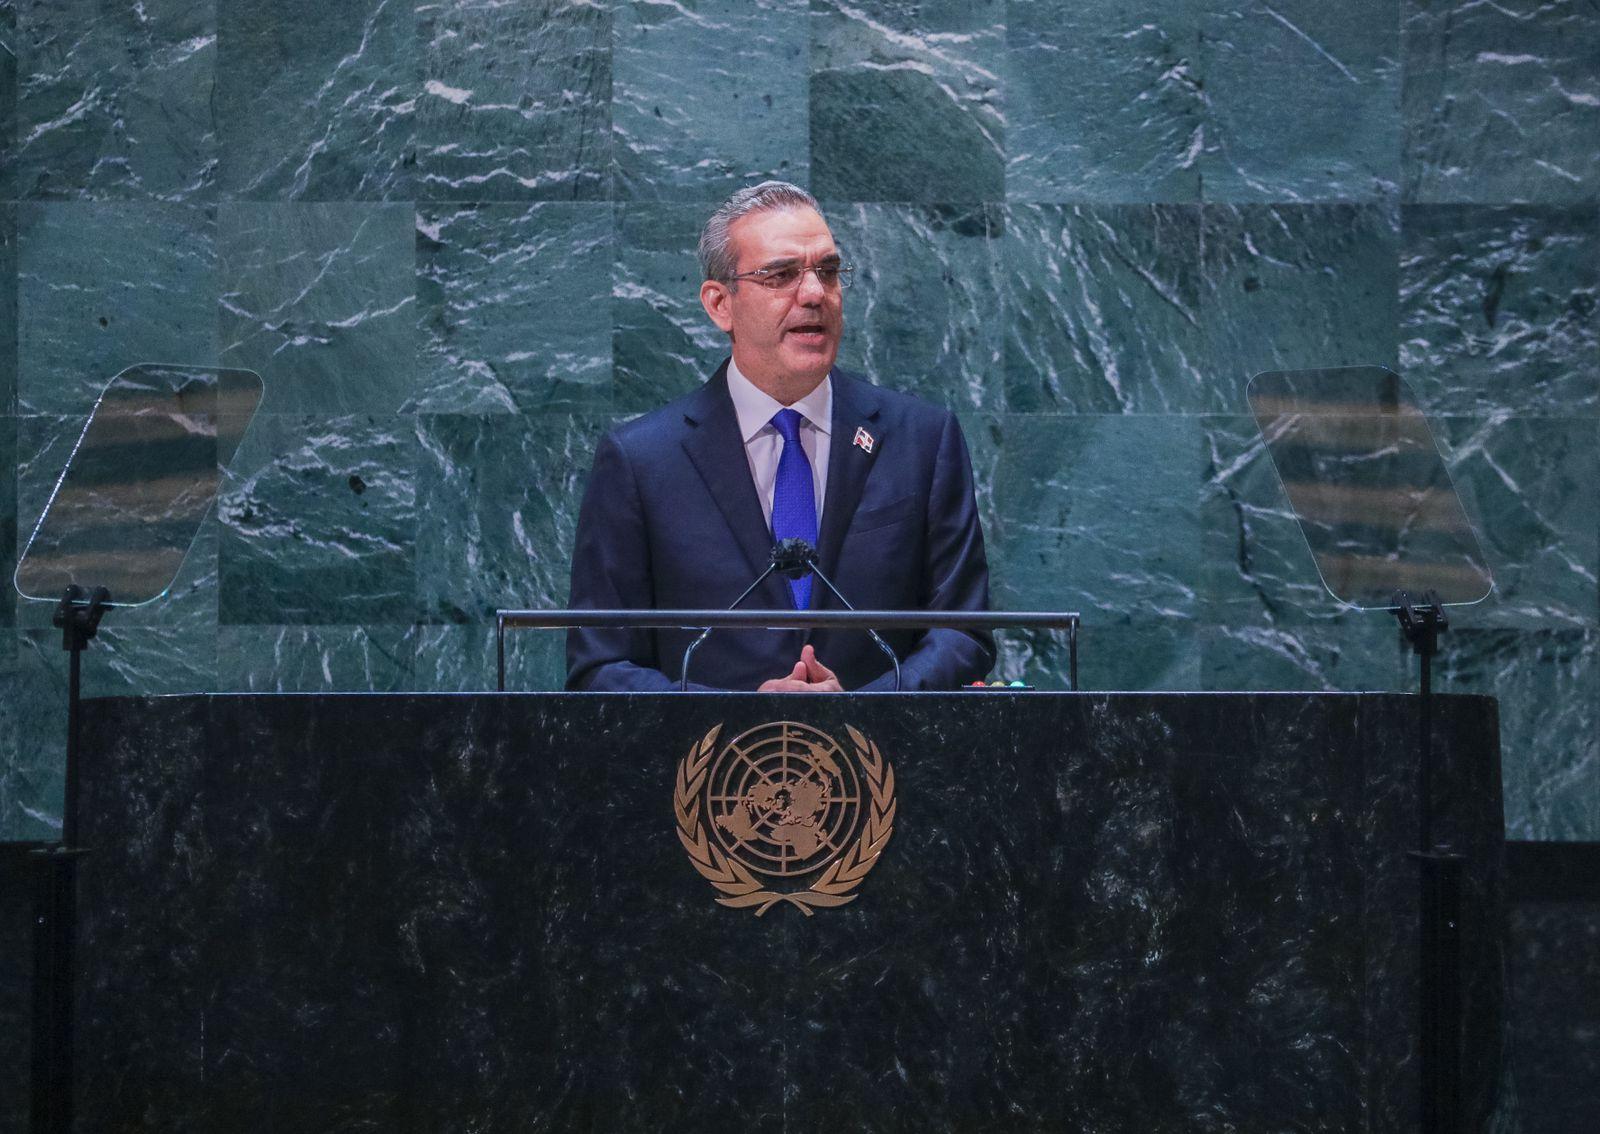 El presidente Luis Abinader en su alocución ante la ONU fue enfático en que hay que afrontar la crisis haitiana.